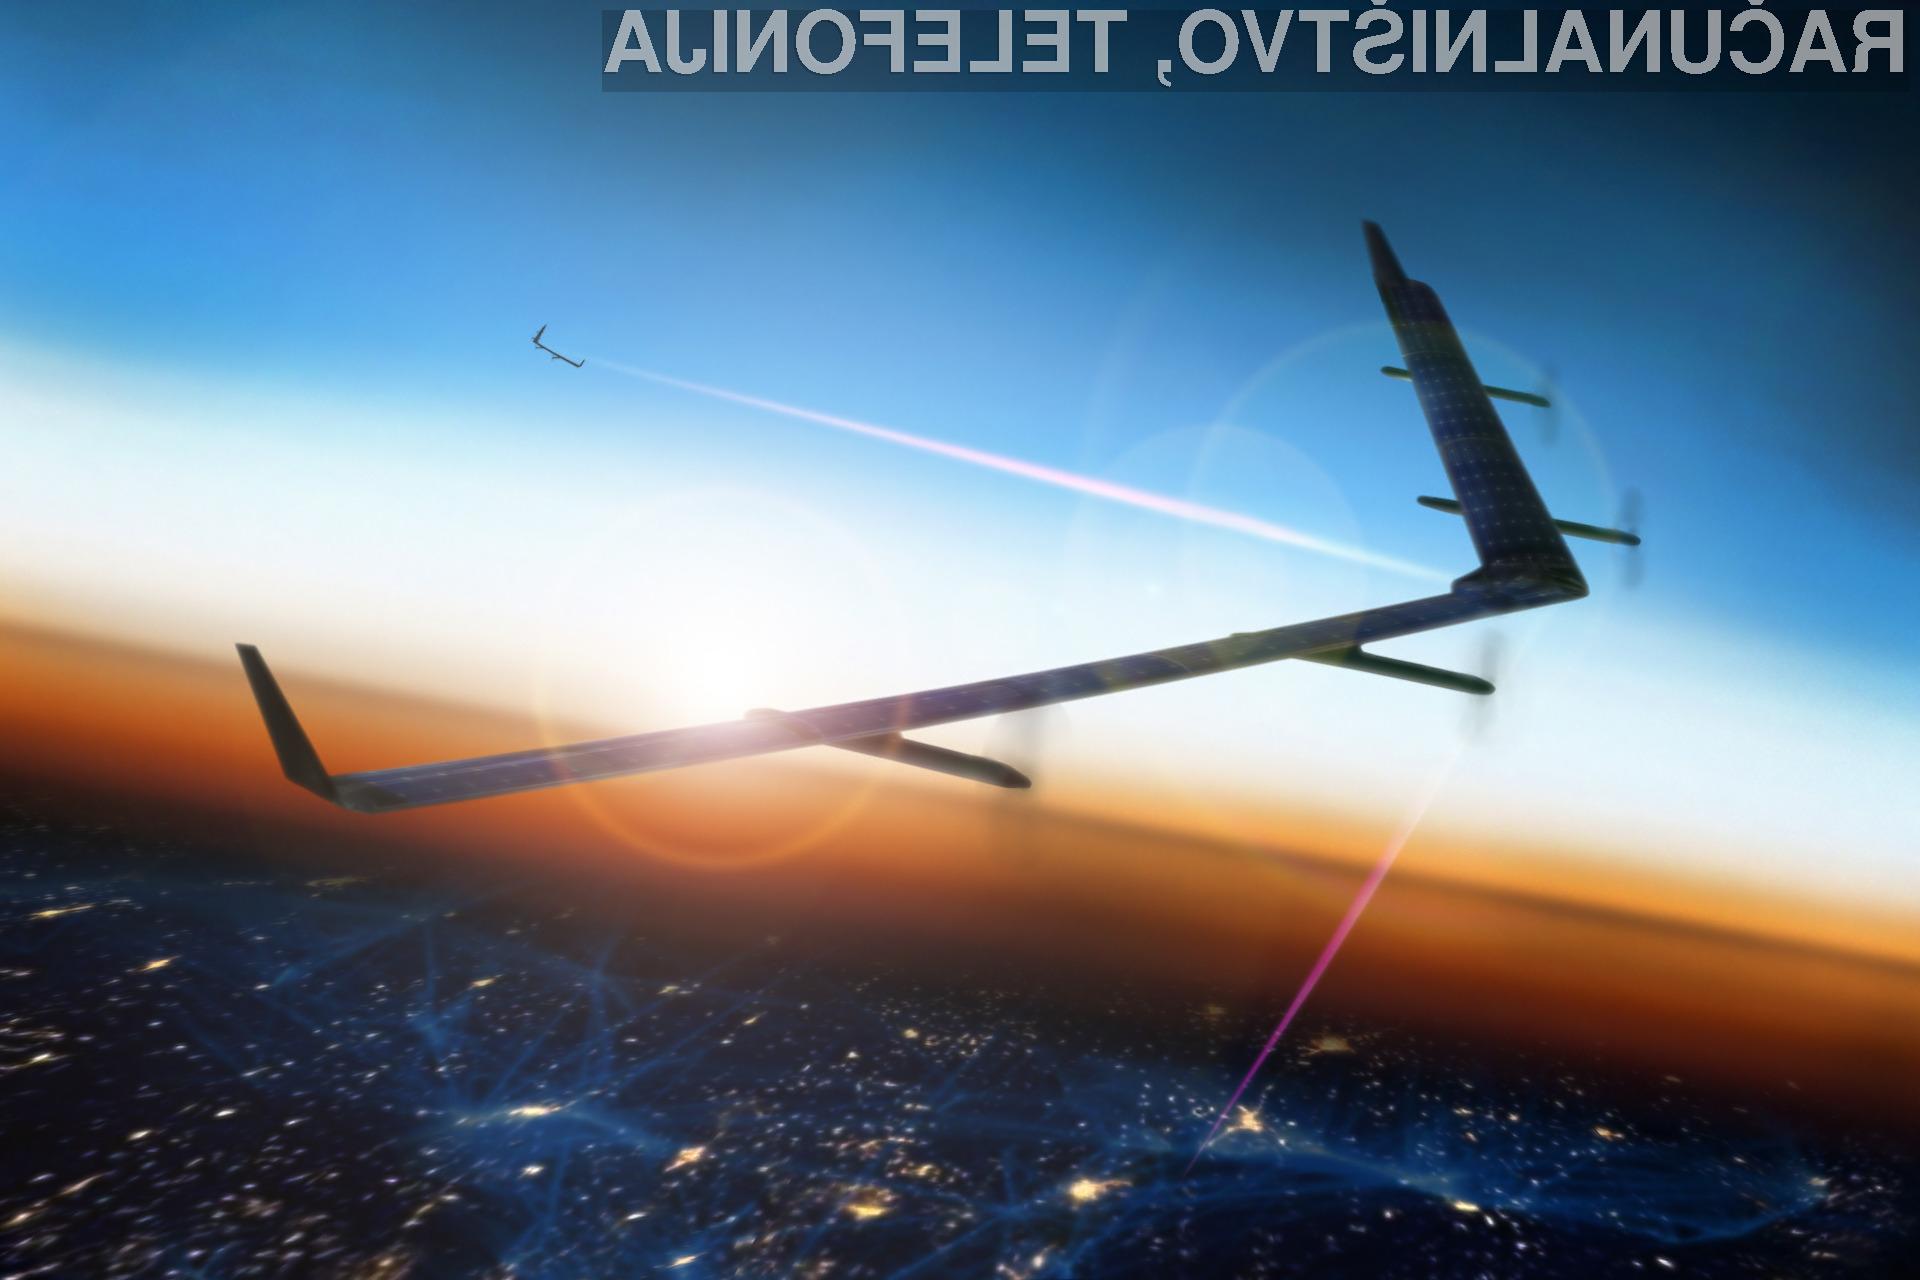 Avtonomna letala podjetja Facebook bodo svetovni splet »dostavljala« tudi v najbolj oddaljene kotičke sveta!